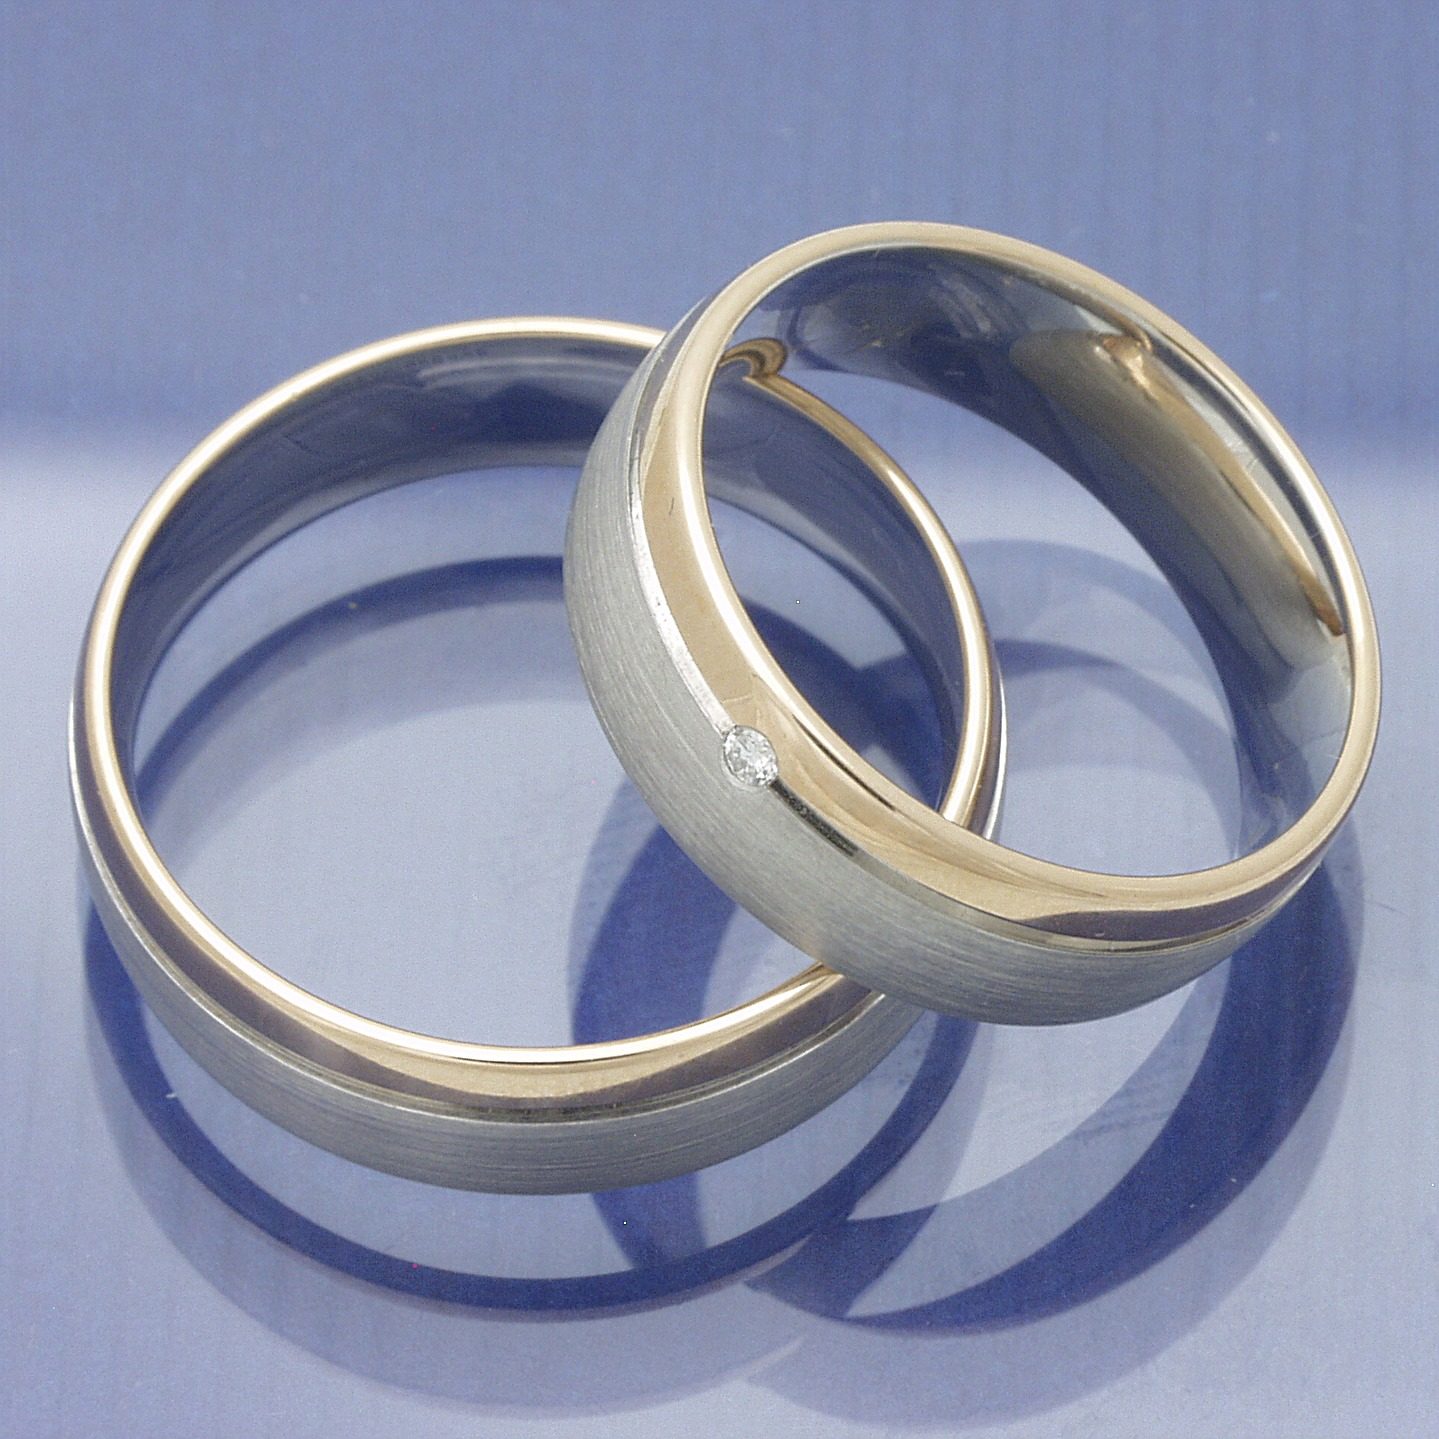 Eheringe Shop Trauringe Verlobungsringe Silber Rotgold Marlon